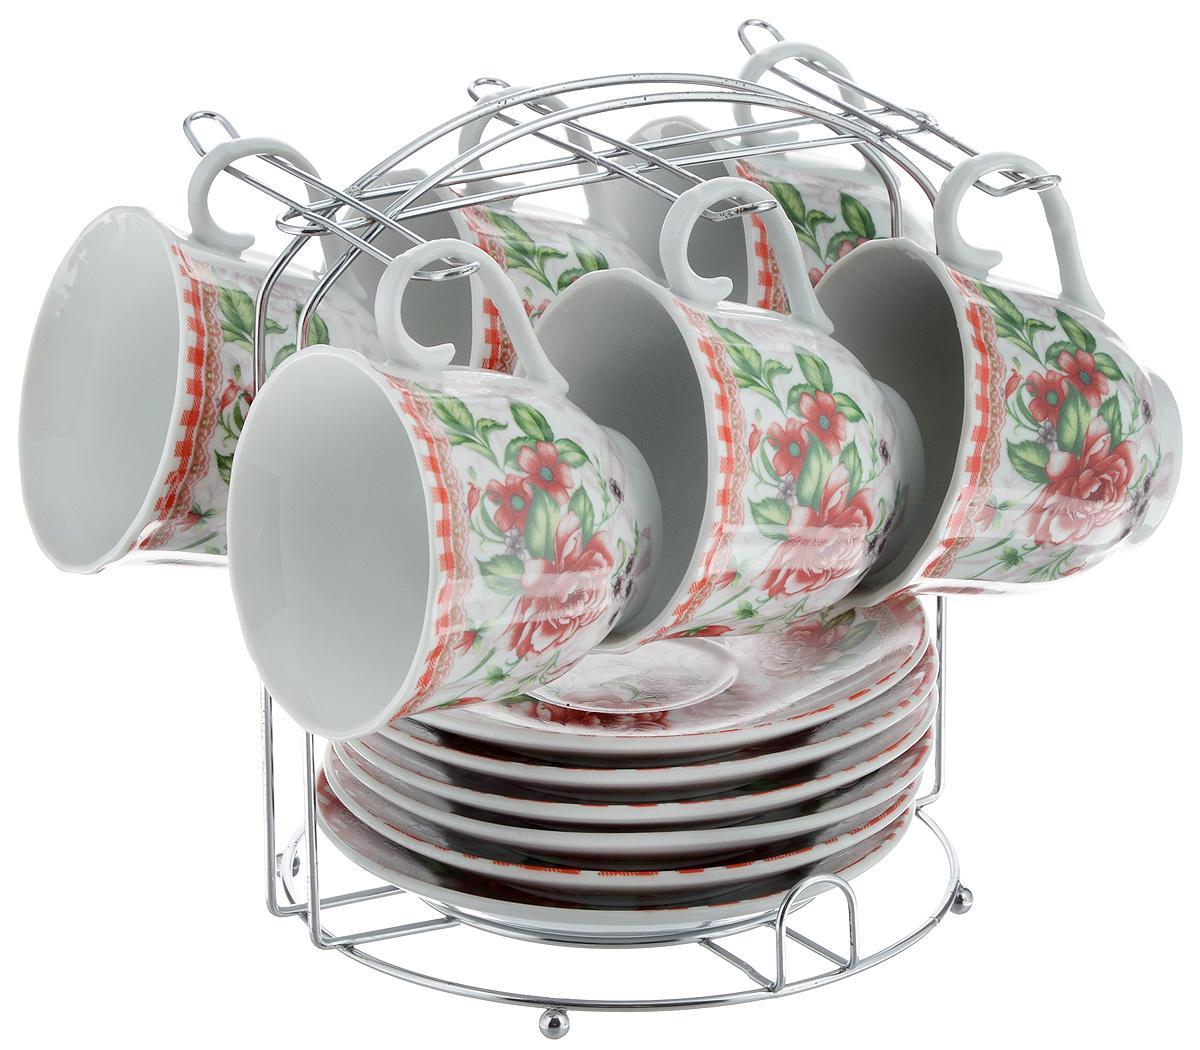 Набор чайный Bella, 13 предметов. DL-F6MS-192DL-F6MS-192Набор Bella состоит из 6 чашек и 6 блюдец, изготовленных из высококачественного фарфора. Чашки оформлены красочным рисунком. Изделия расположены на металлической подставке. Такой набор подходит для подачи чая или кофе.Изящный дизайн придется по вкусу и ценителям классики, и тем, кто предпочитает современный стиль. Он настроит на позитивный лад и подарит хорошее настроение с самого утра. Чайный набор Bella - идеальный и необходимый подарок для вашего дома и для ваших друзей в праздники.Объем чашки: 220 мл. Диаметр чашки (по верхнему краю): 8 см. Высота чашки: 7 см. Диаметр блюдца: 14 см. Высота блюдца: 2,3 см.Размер подставки: 17 х 16,5 х 19 см.